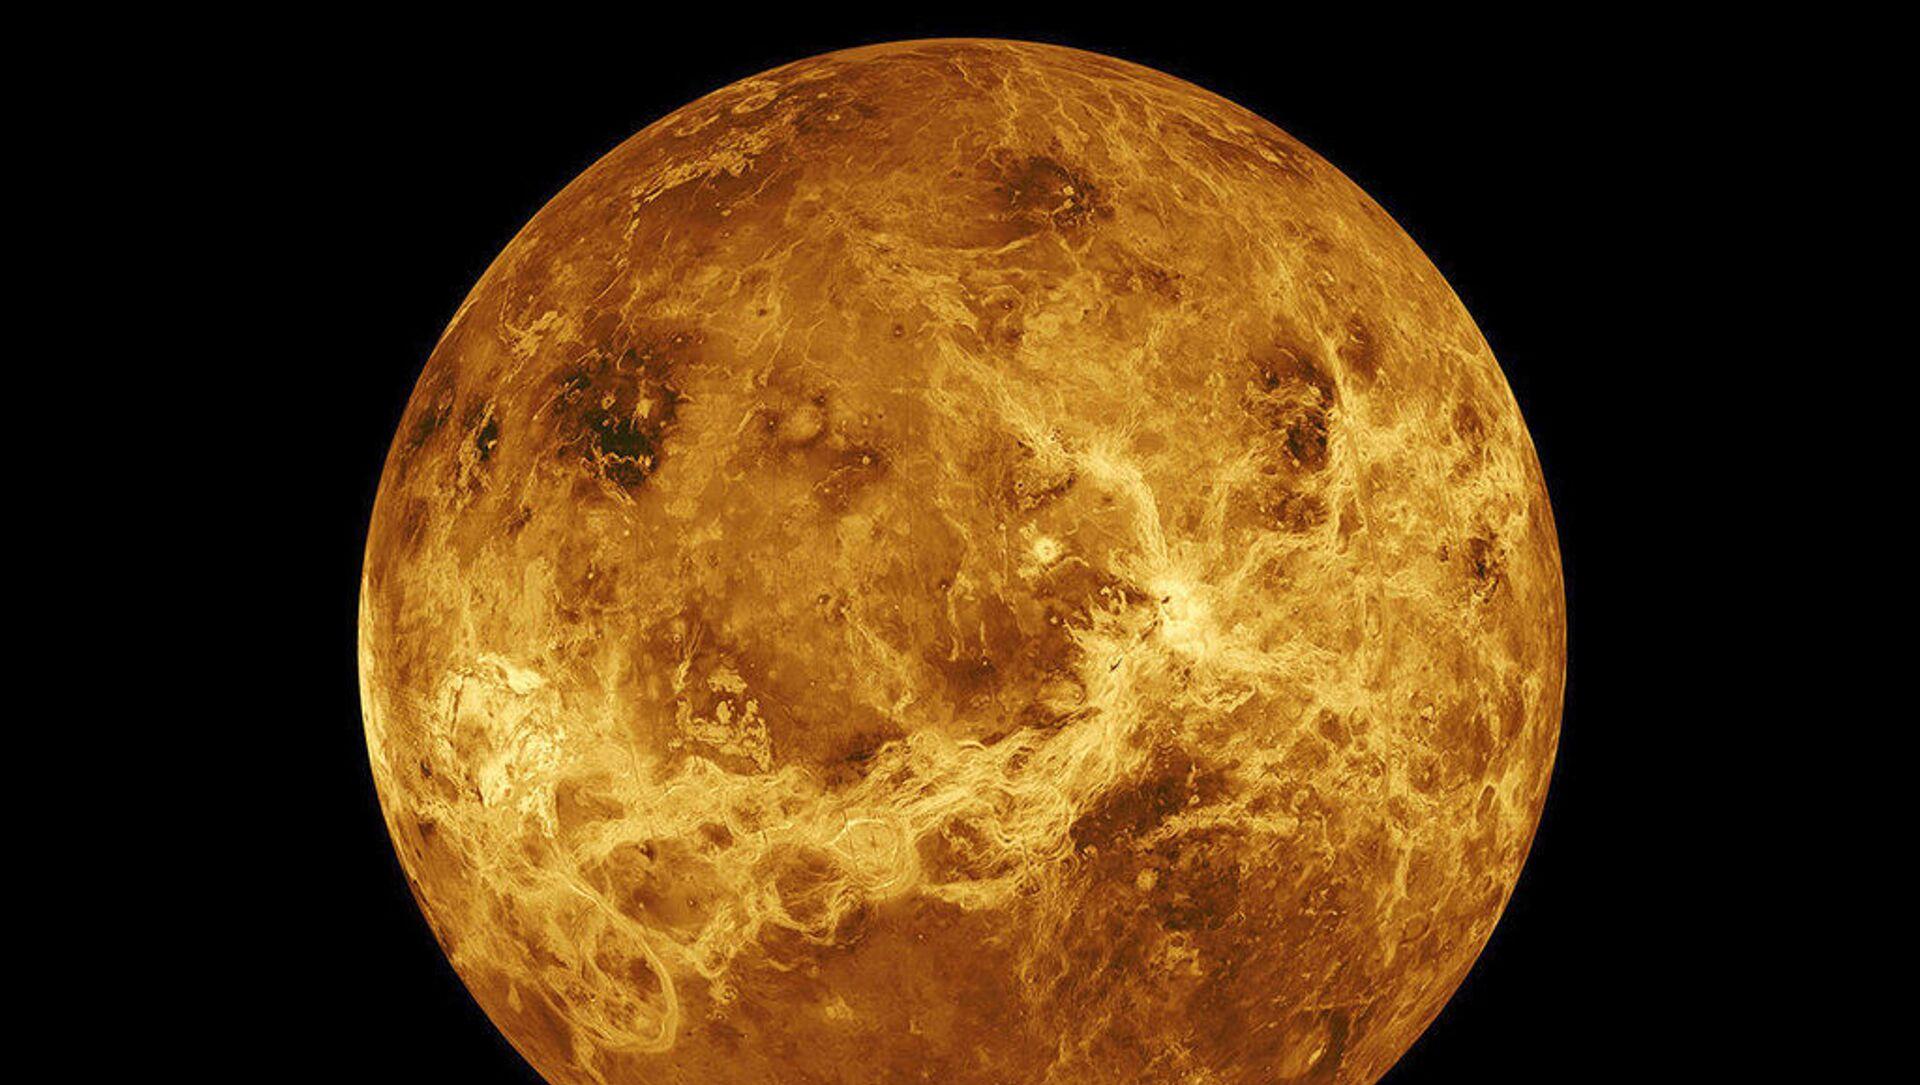 金星 - Sputnik 日本, 1920, 09.08.2021